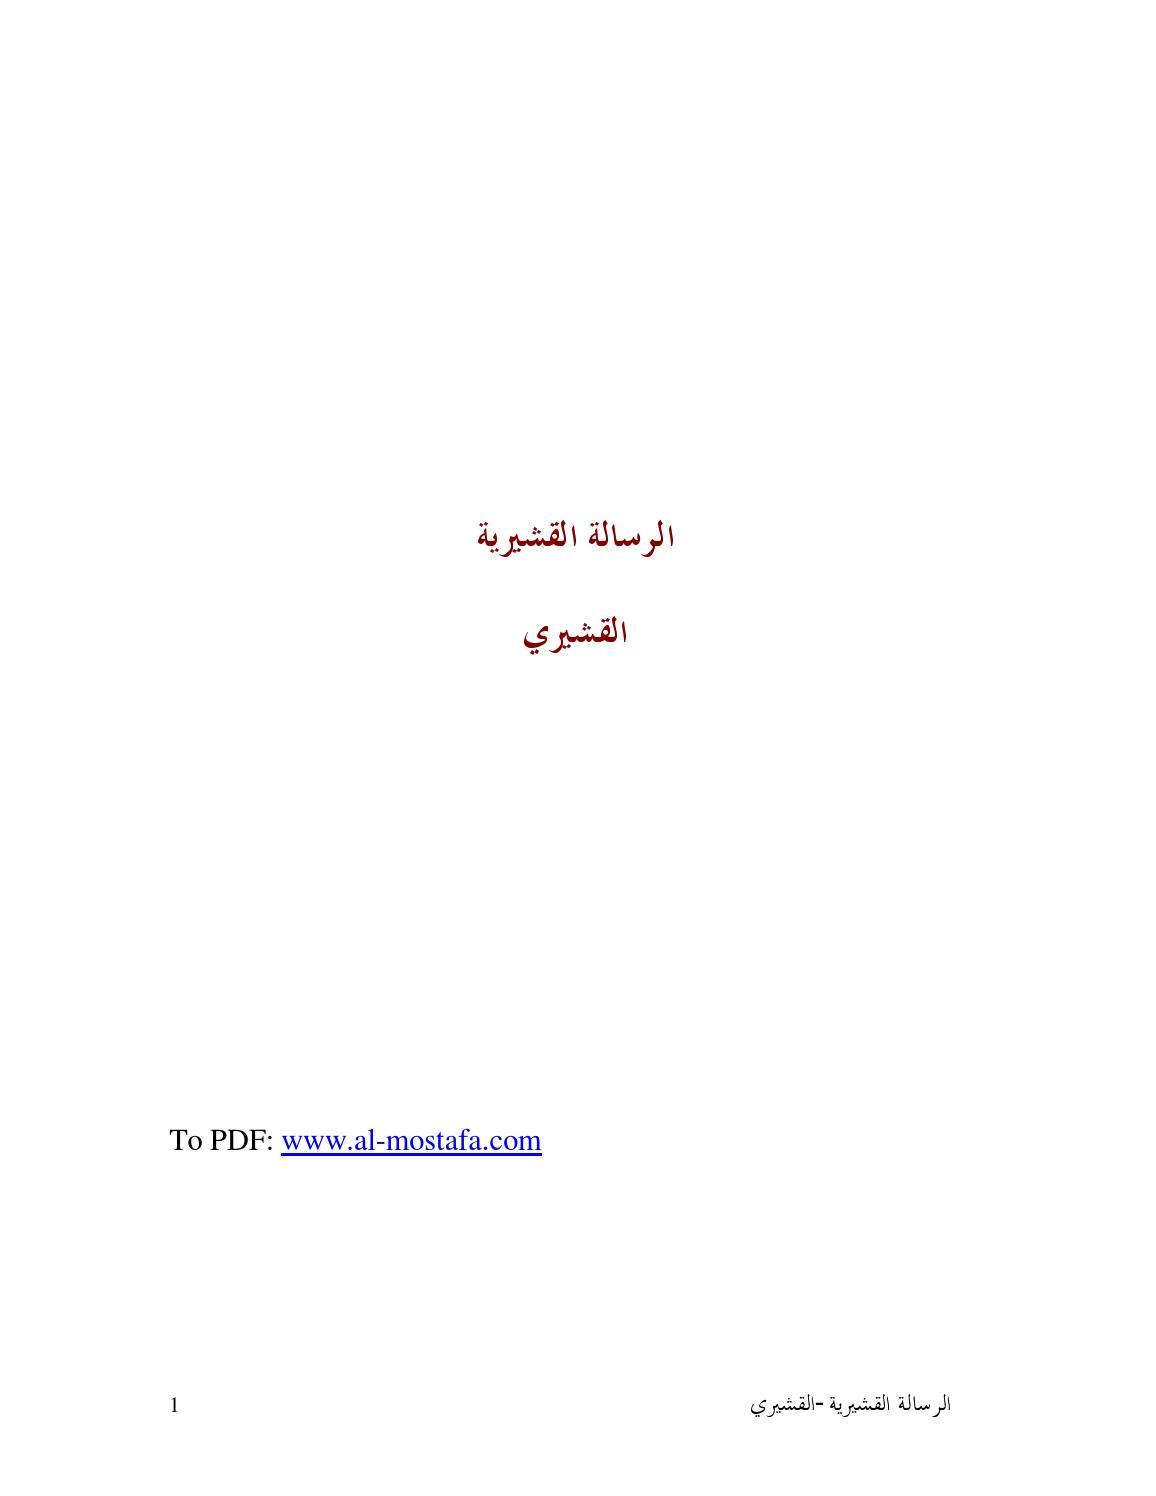 كتاب العرائس للثعلبي pdf